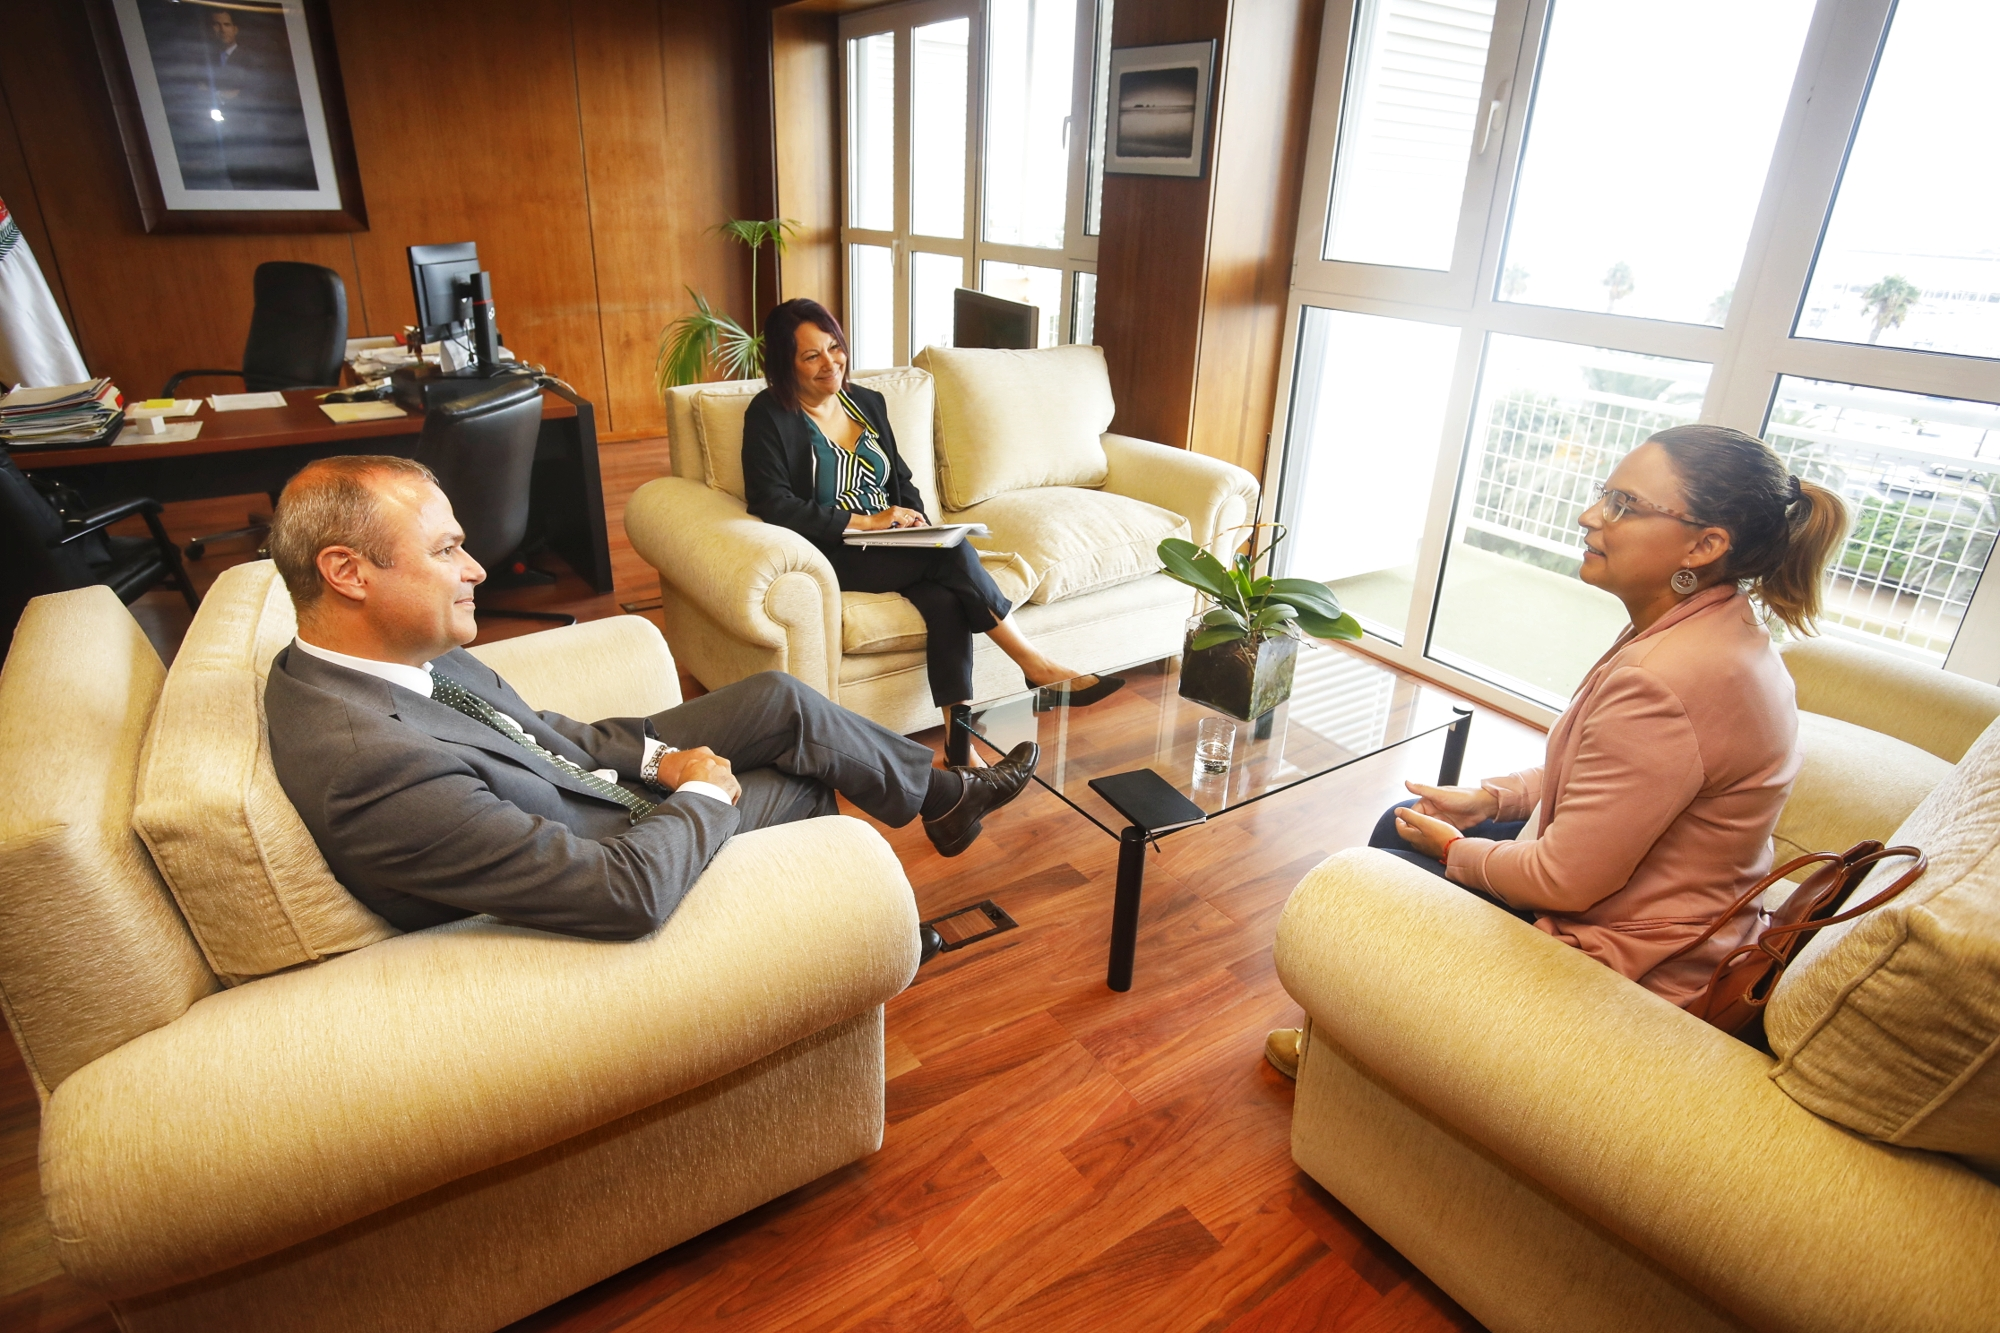 La consejera de Derechos Sociales, Noemí Santana, se reúne con el alcalde de Las Palmas de Gran Canaria, Augusto Hidalgo